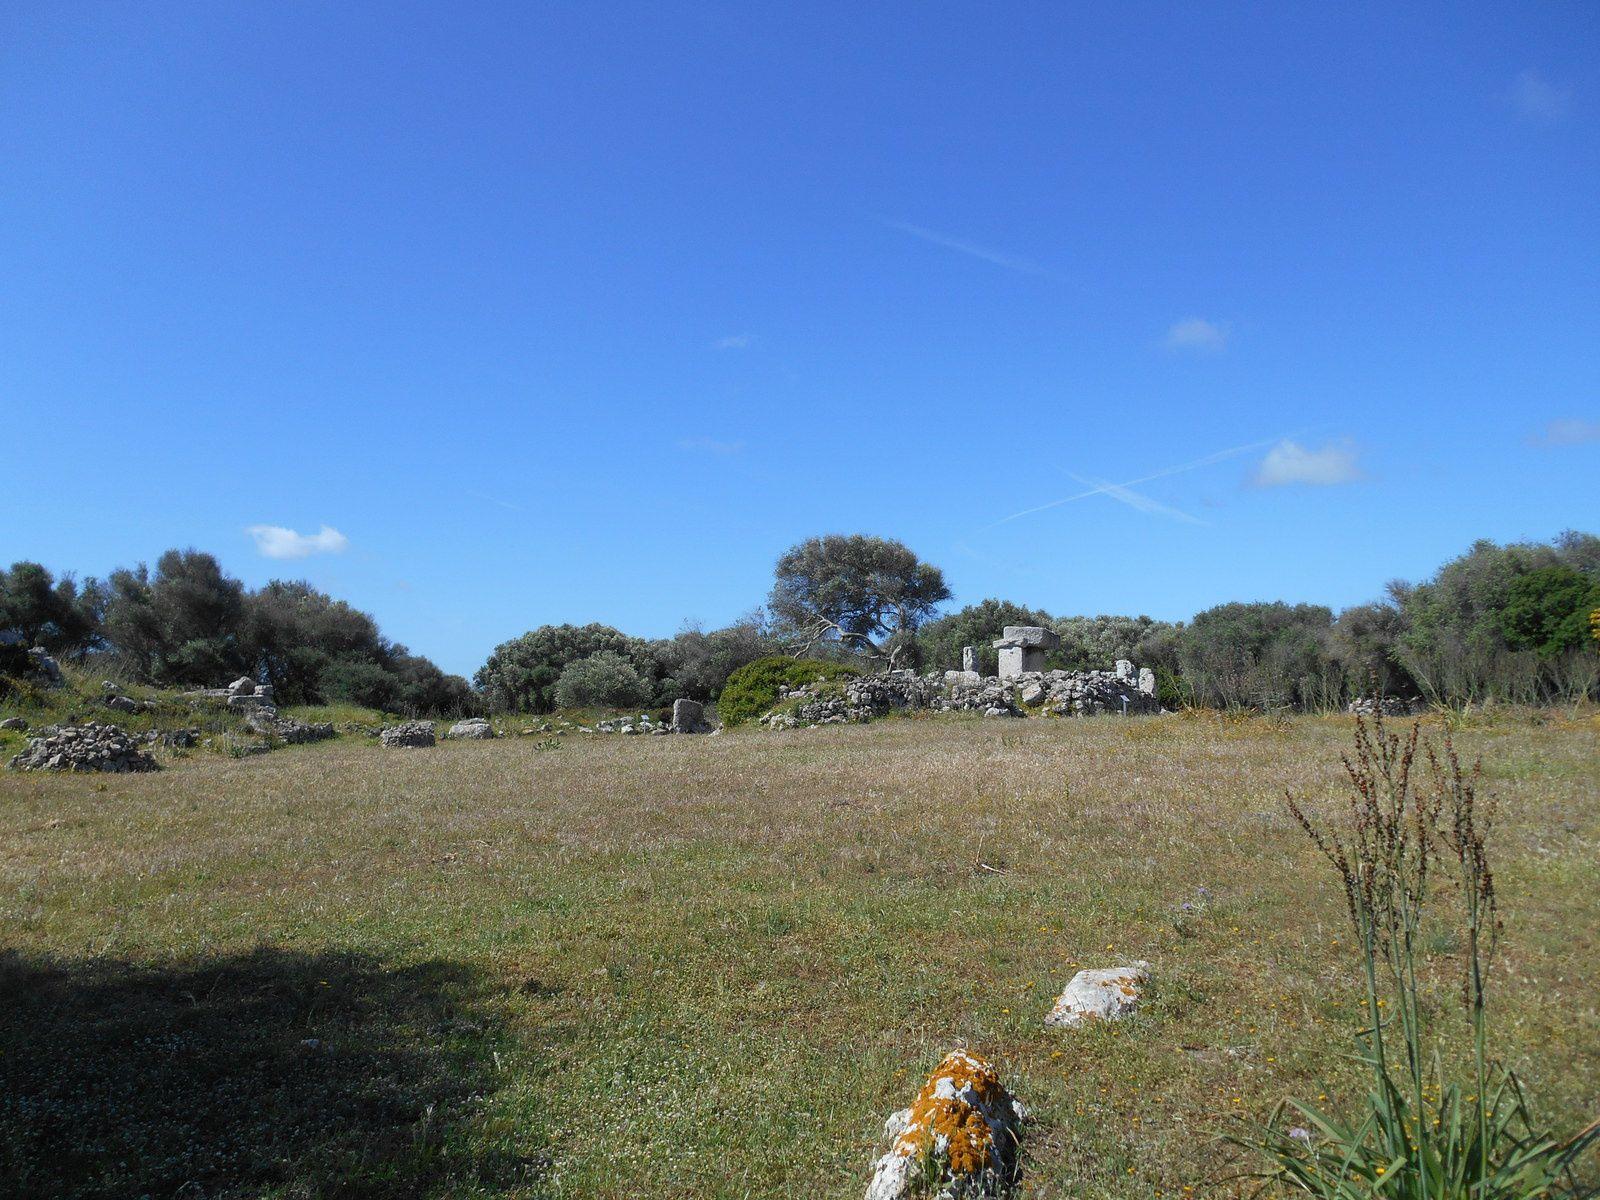 Zone publique où se trouve un sanctuaire avec la taula centrale...